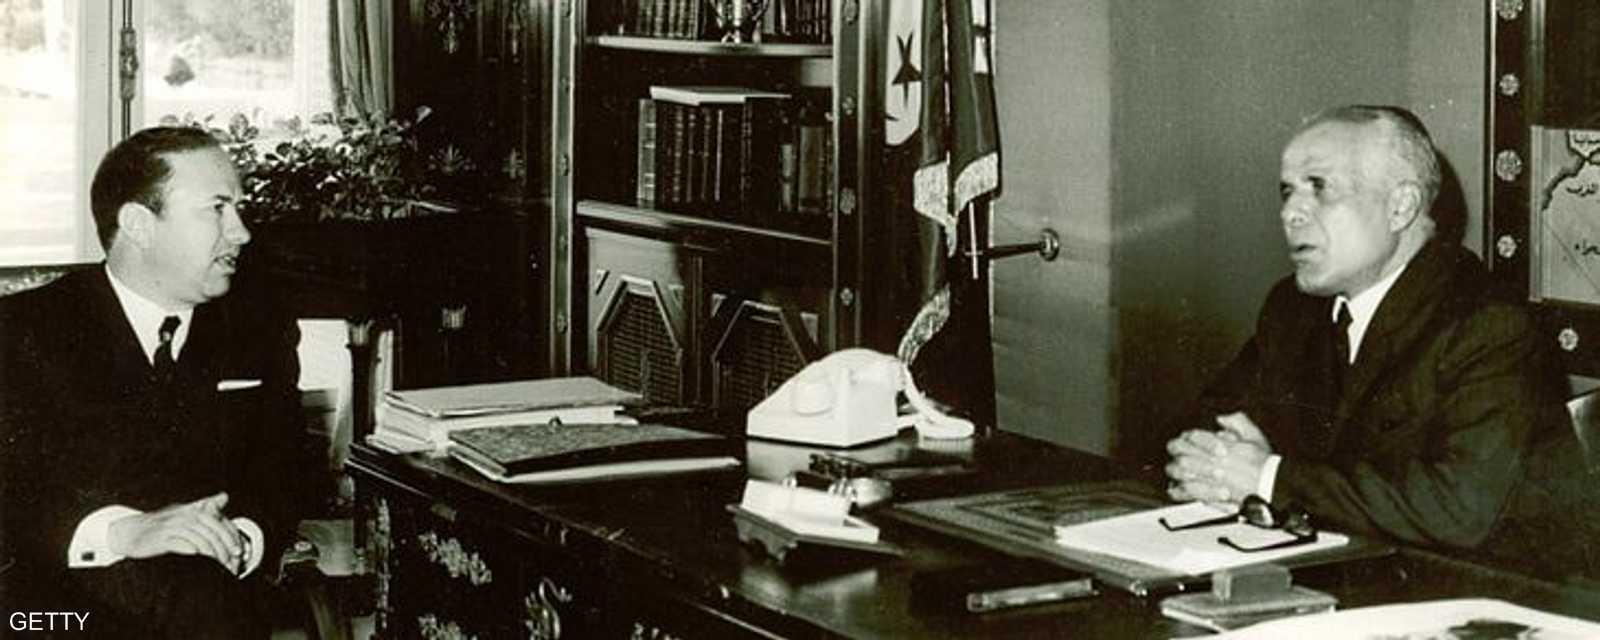 الرئيس التونسي الراحل الحبيب بورقيبة وباجي قايد السبسي